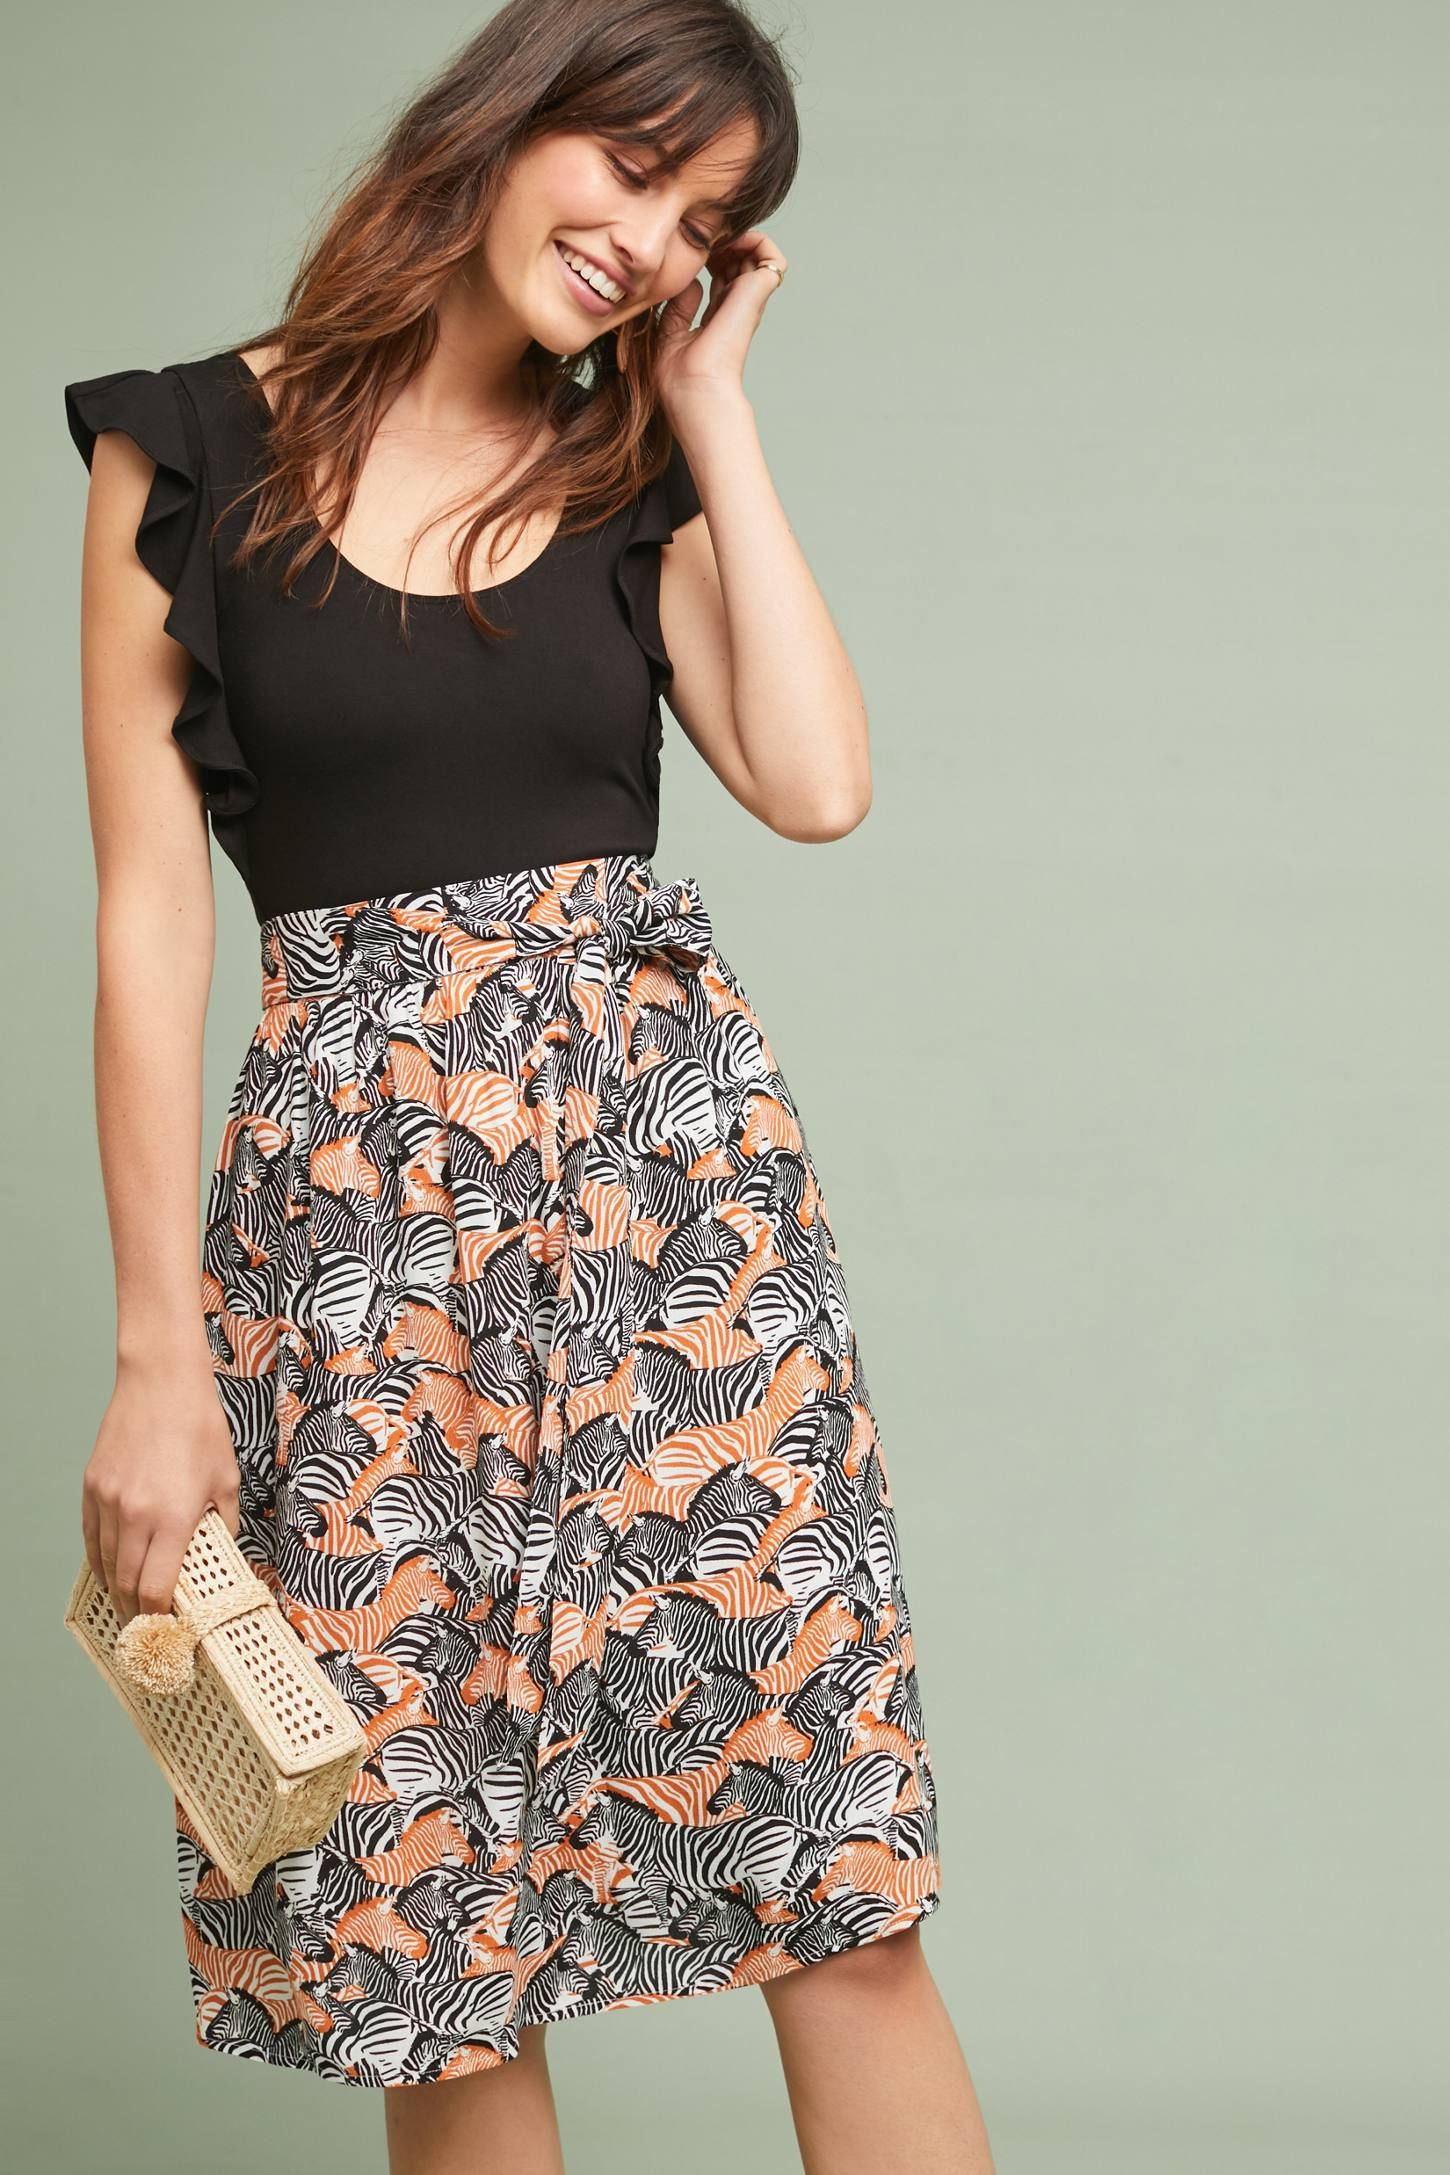 ba4621665eed Getaway Printed Skirt $118.00 Porridge (Anthropologie) | knee-length,  a-line, tie-waist, zebra patterned skirt